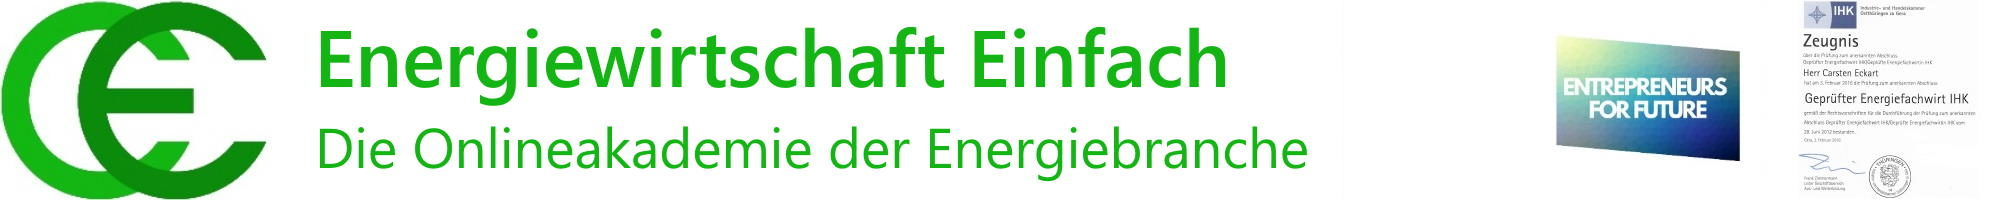 Energiewirtschaft Einfach